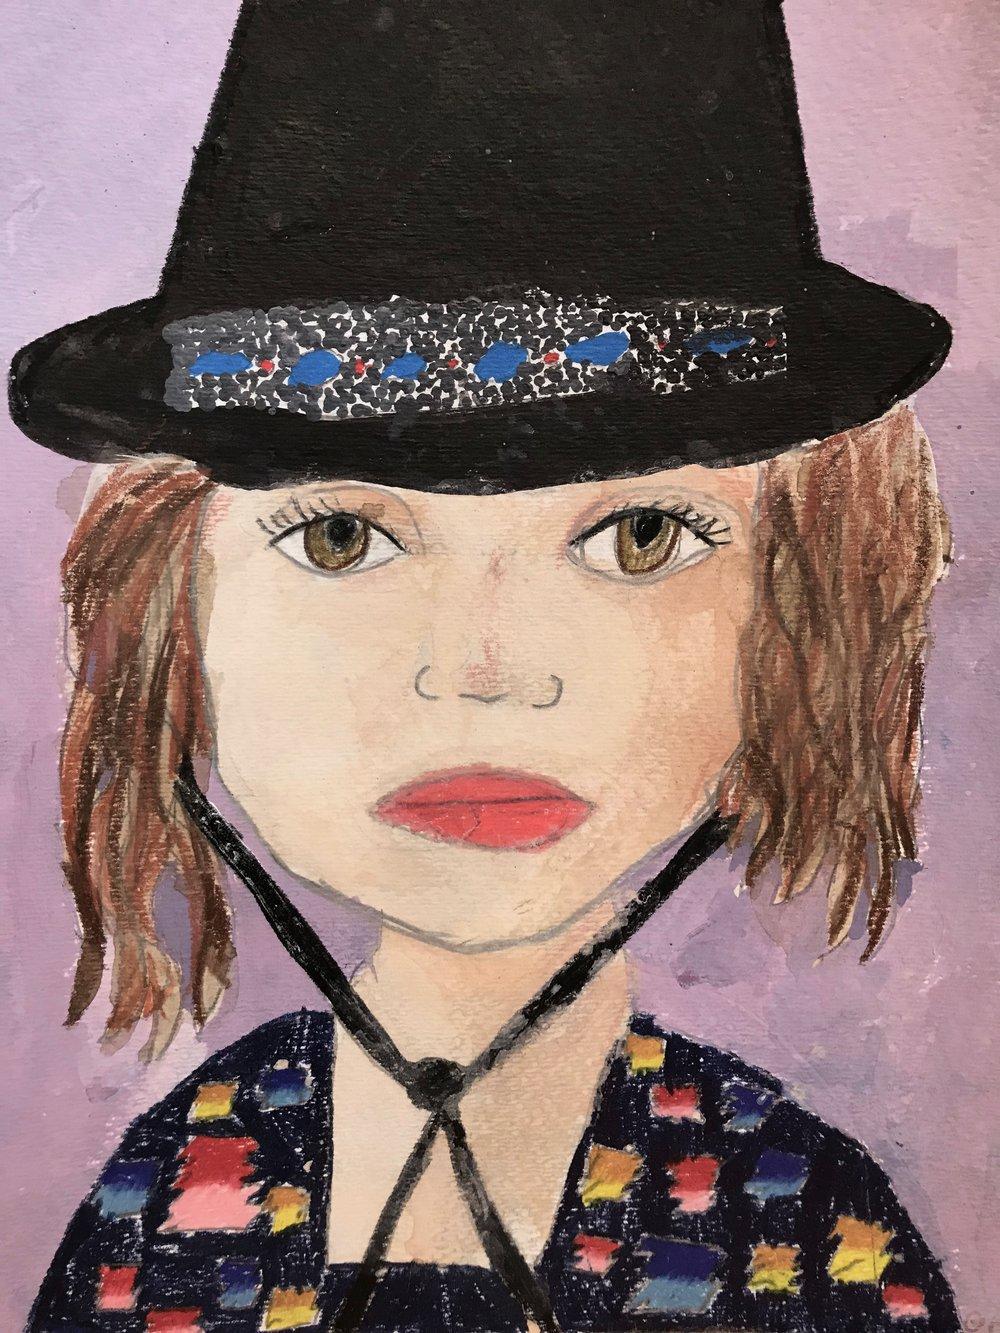 Grace, age 7